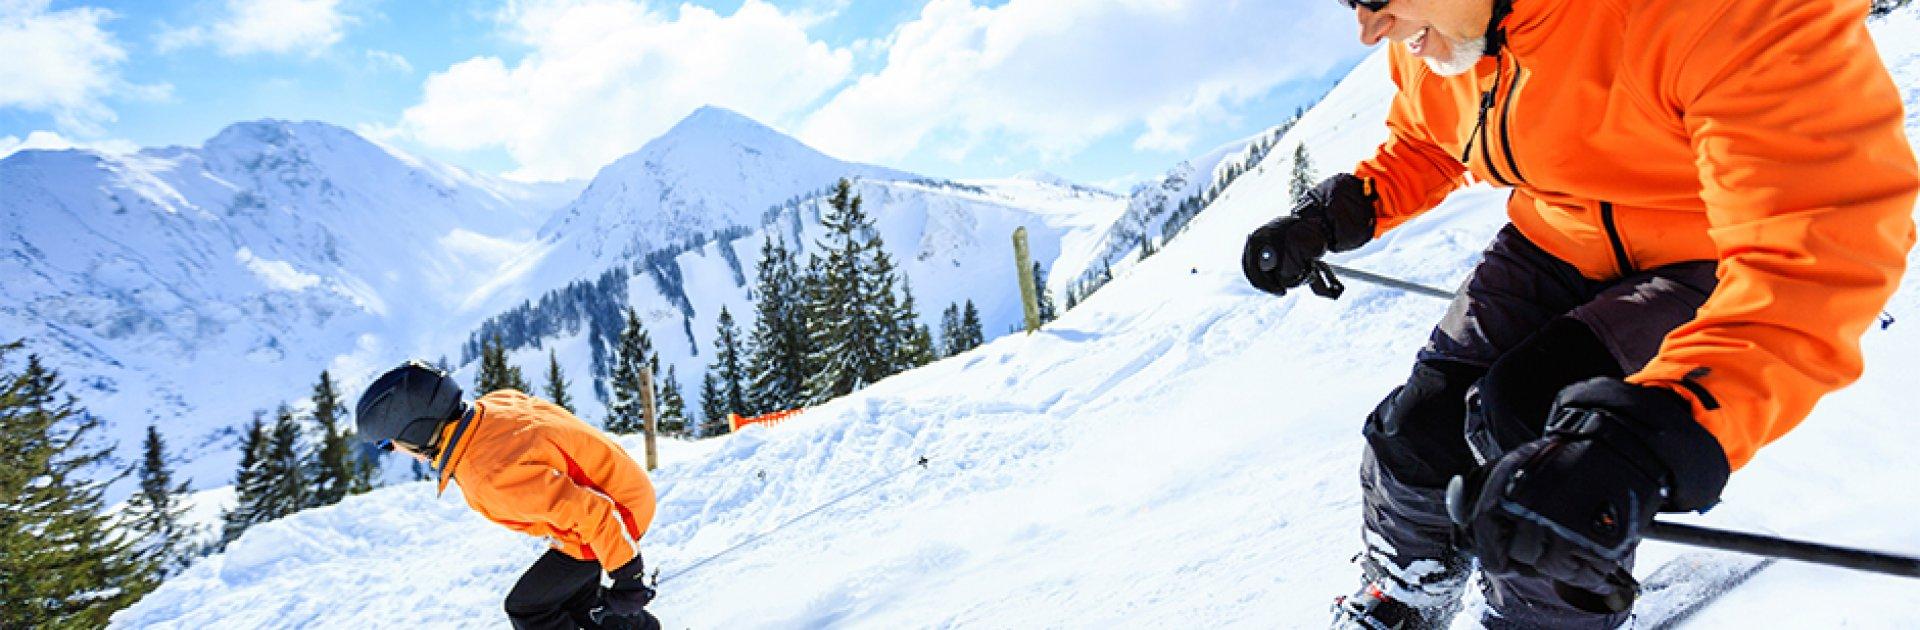 skigebiete weltweit